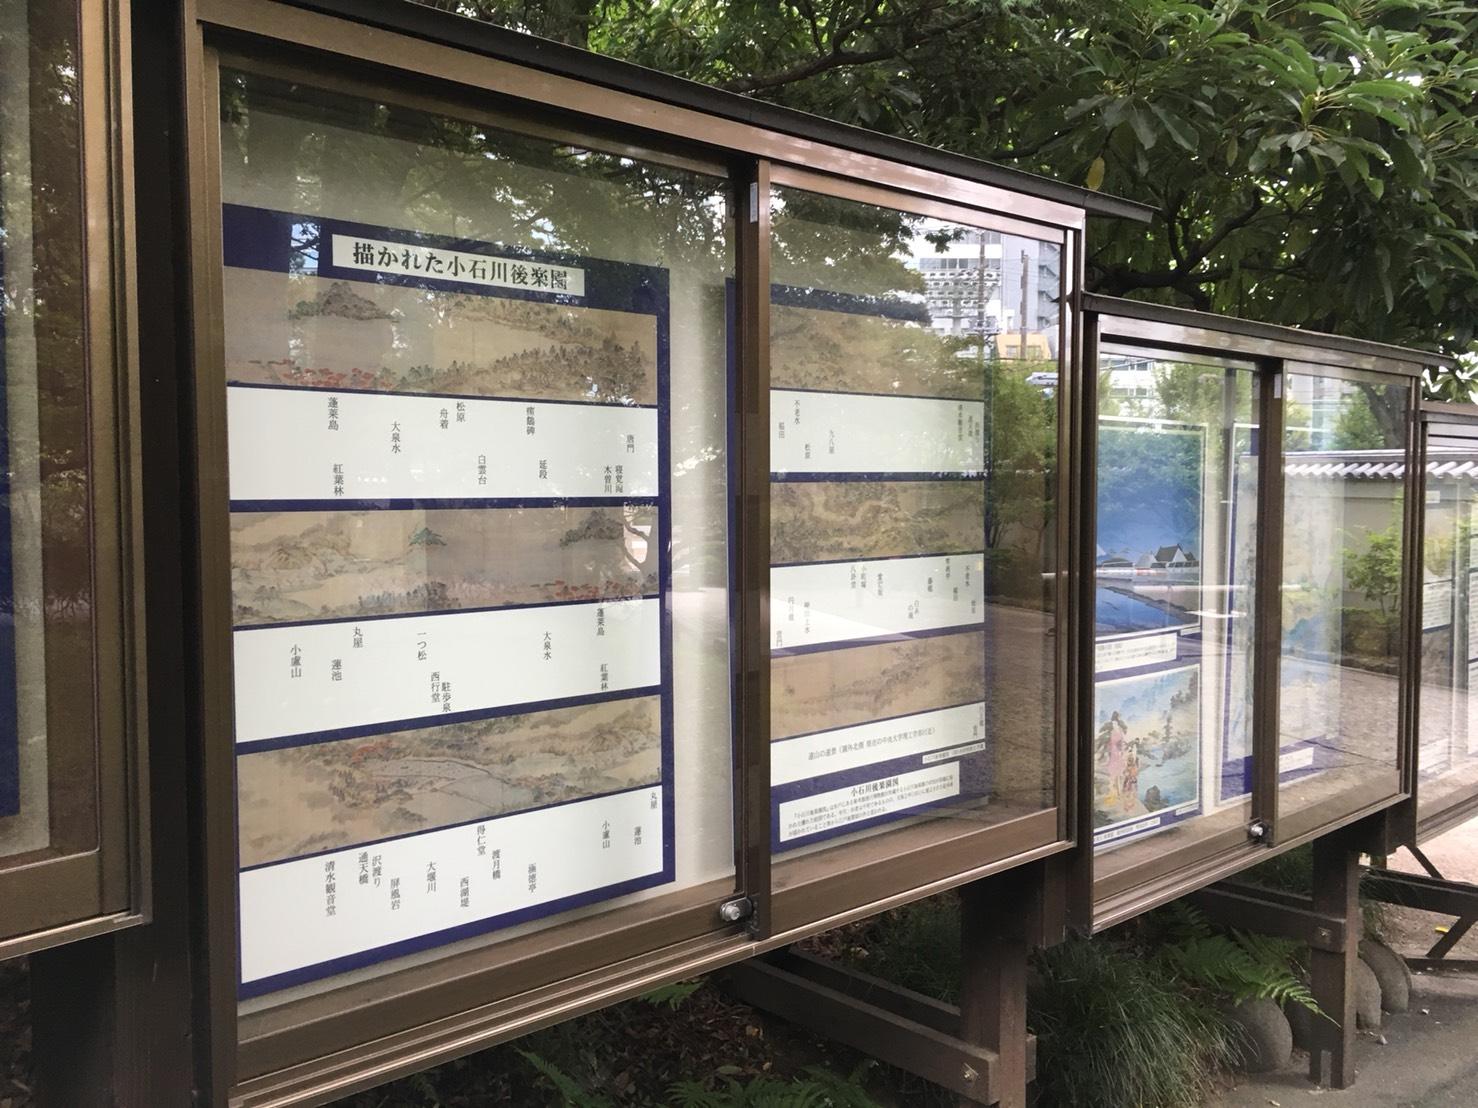 【飯田橋駅】江戸時代の中国趣味豊かな景観で一句「小石川後楽園」の小石川後楽園の資料展示2